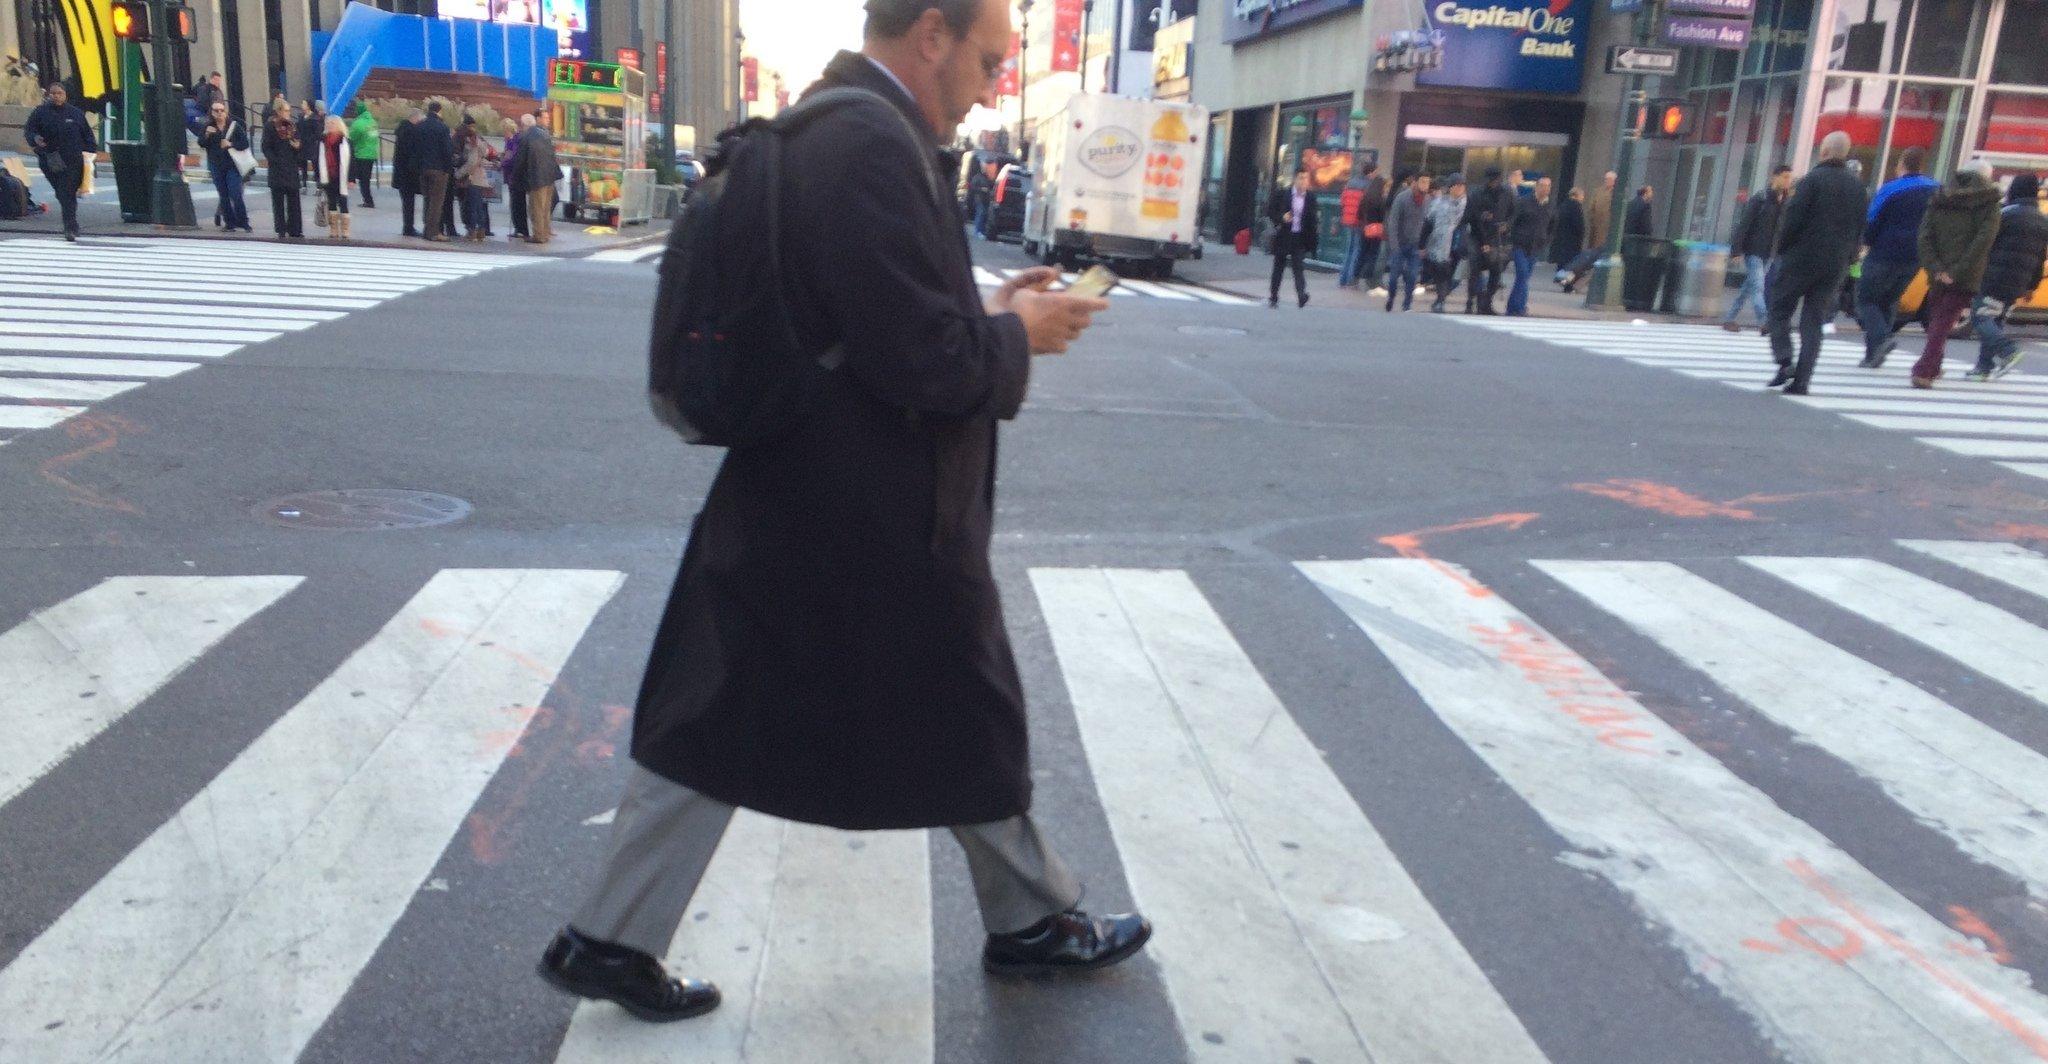 atravessando a rua